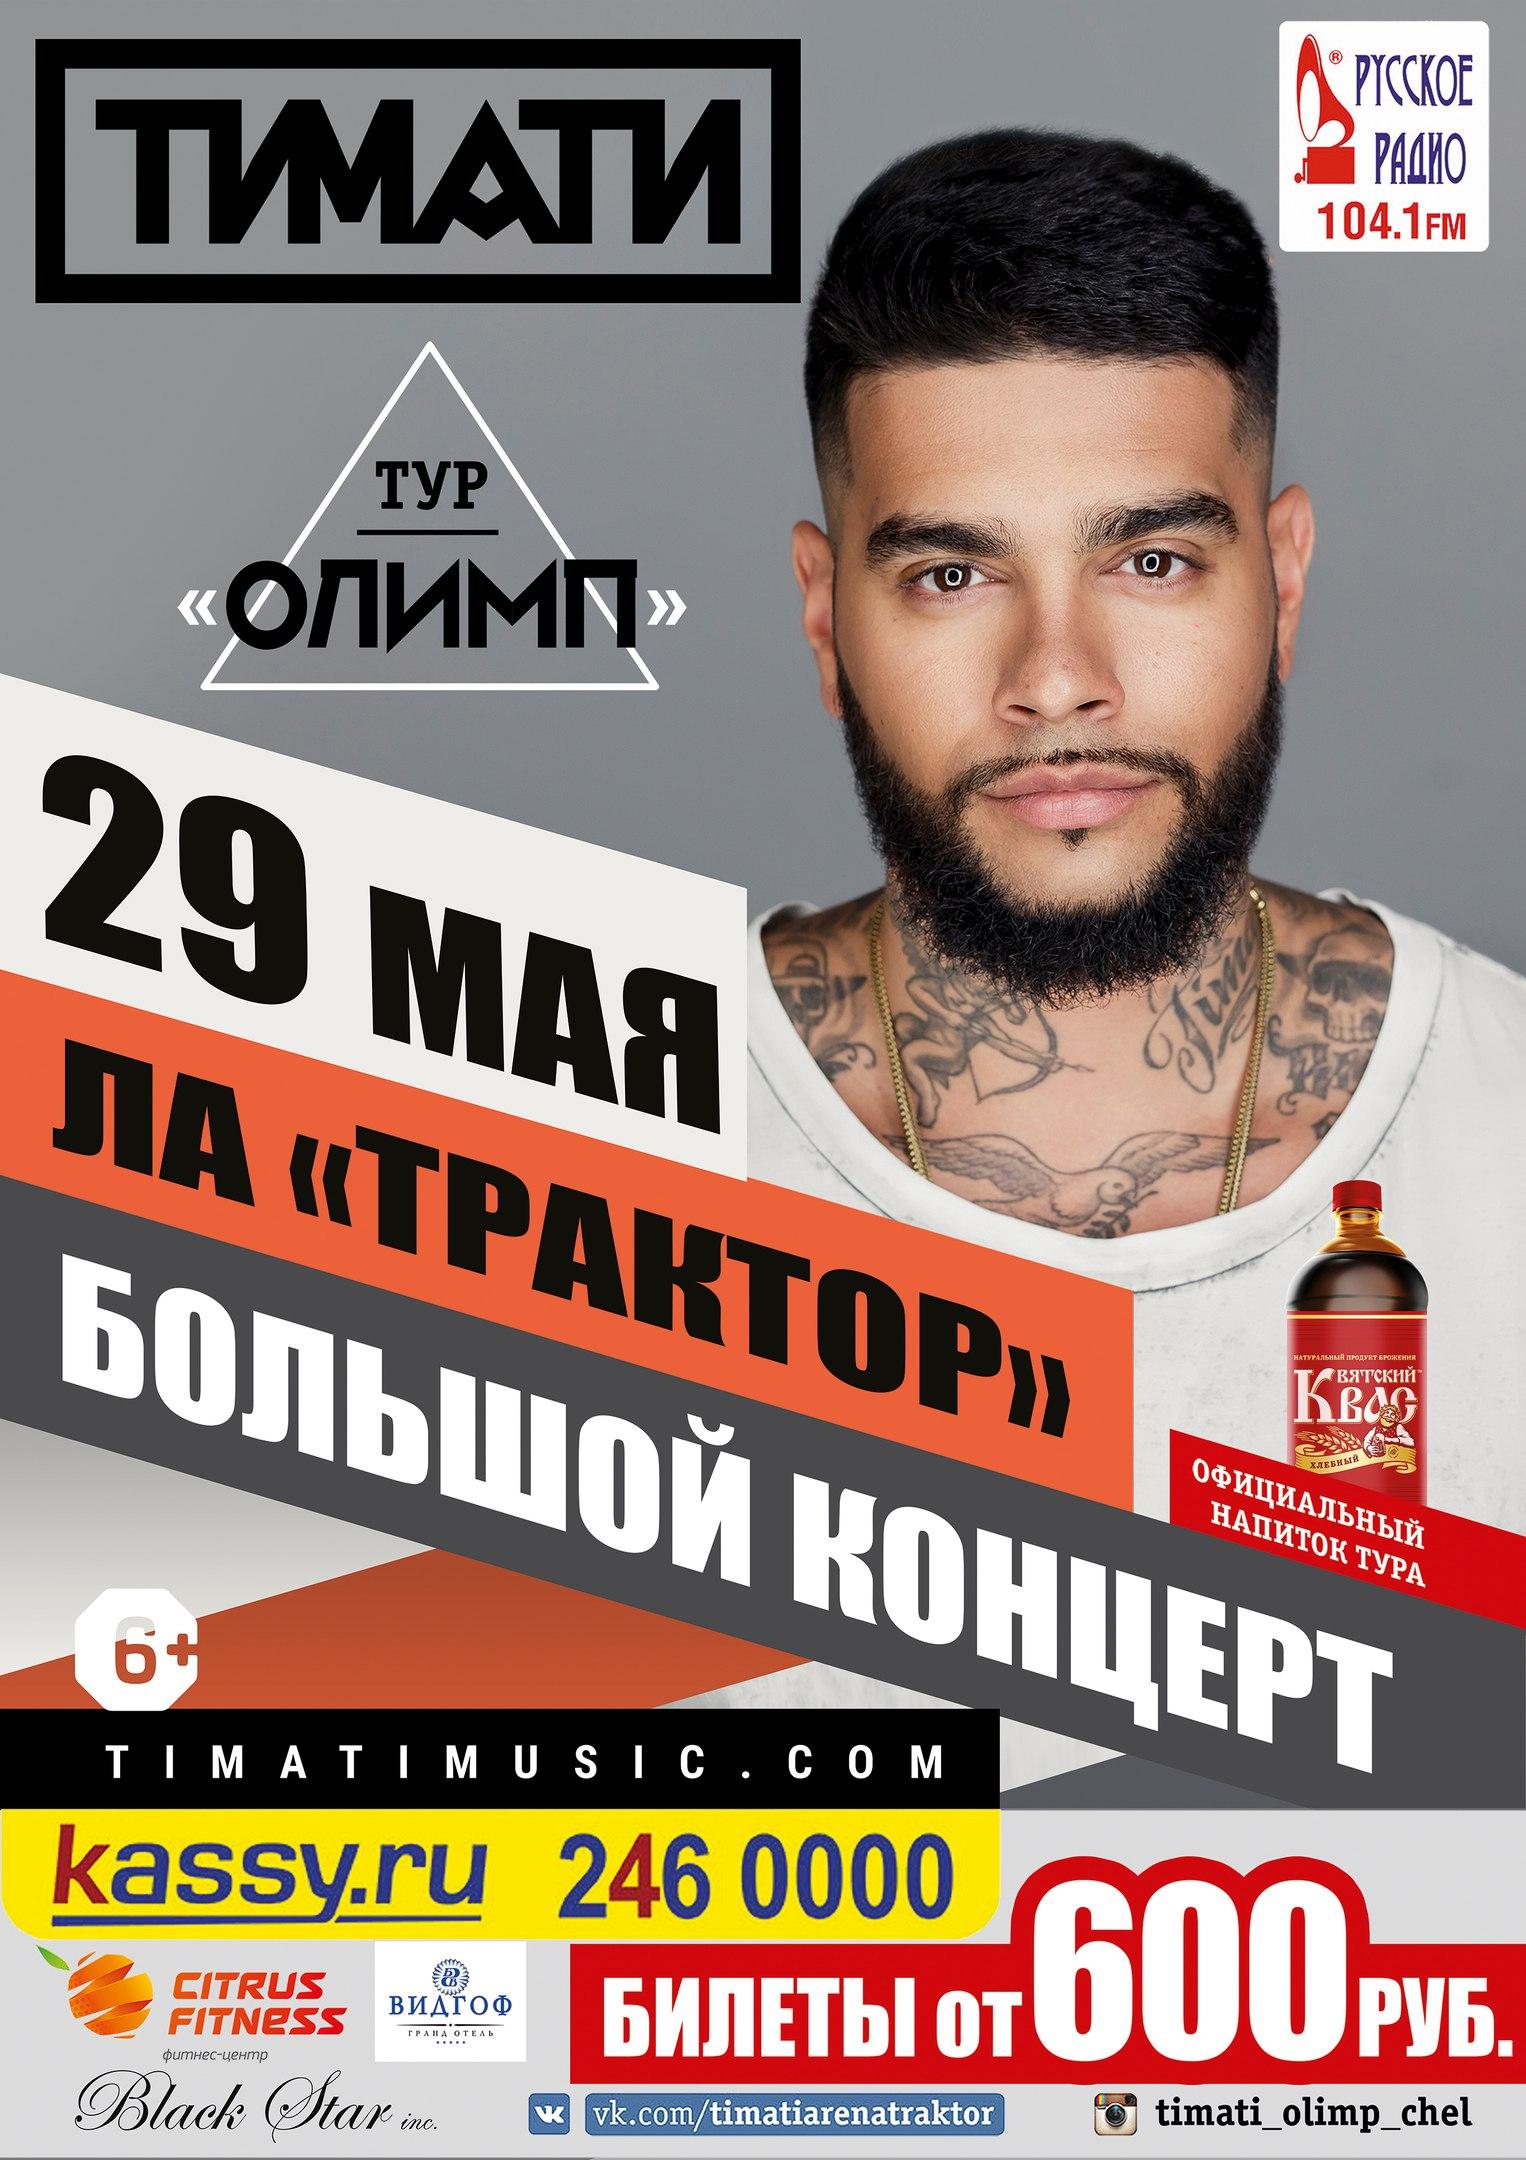 В воскресенье, 29 мая, на ледовой Арене «Трактор» Тимати даст свой самый большой концерт в Челяби